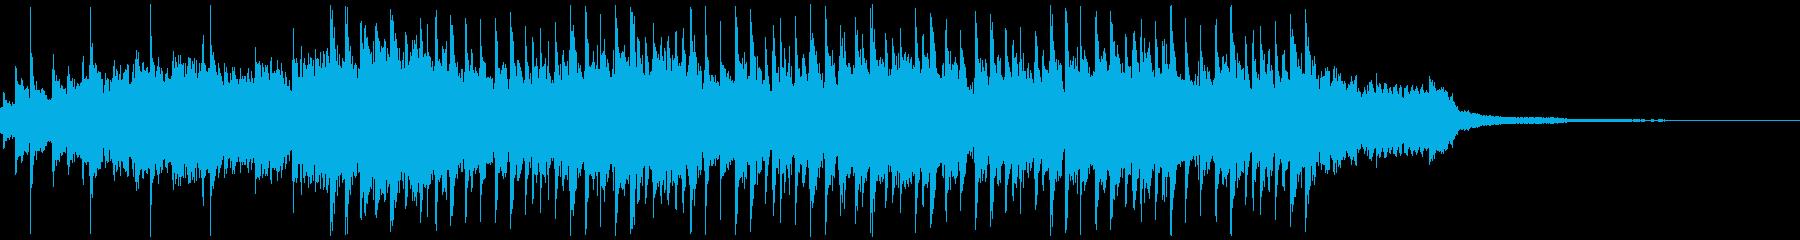 ハウスミュージック1(30秒 SNS)の再生済みの波形